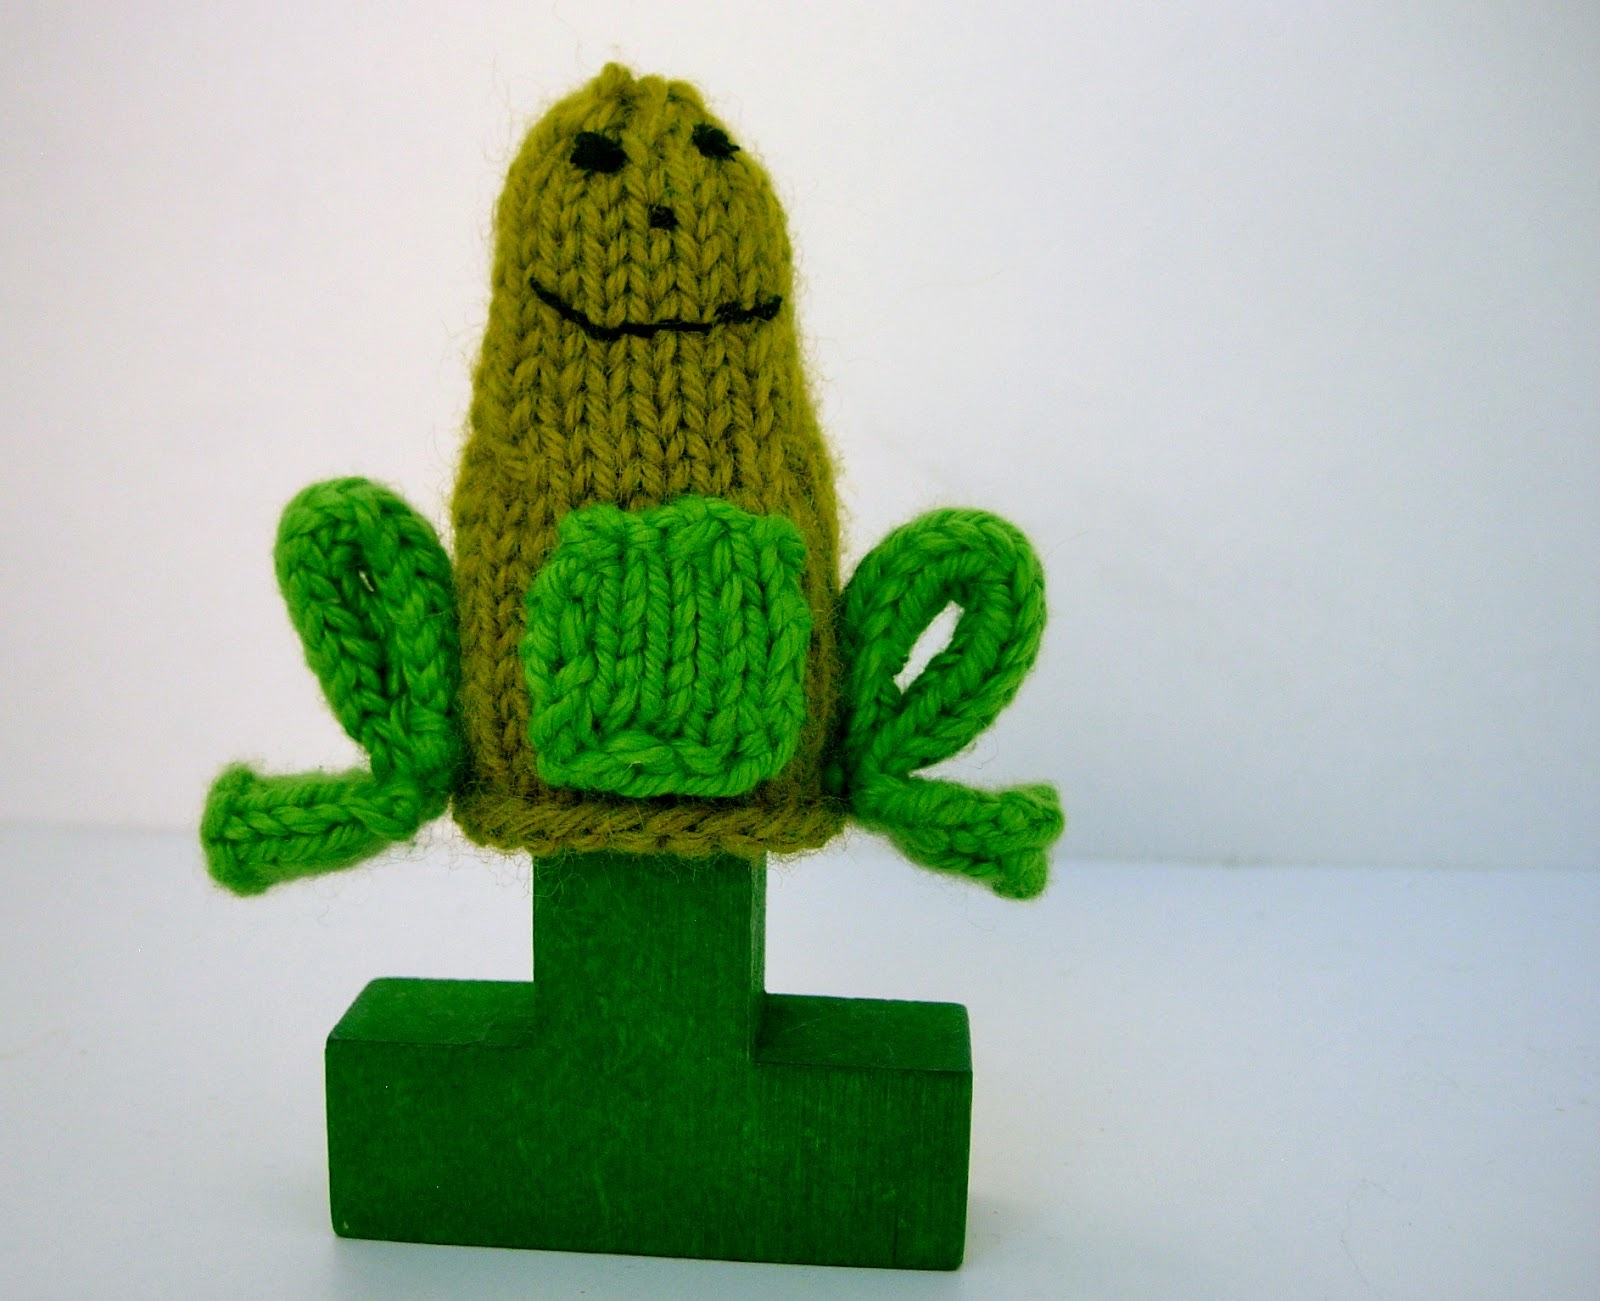 Little Friendly Frog Knitting Pattern | Yarn Birdy